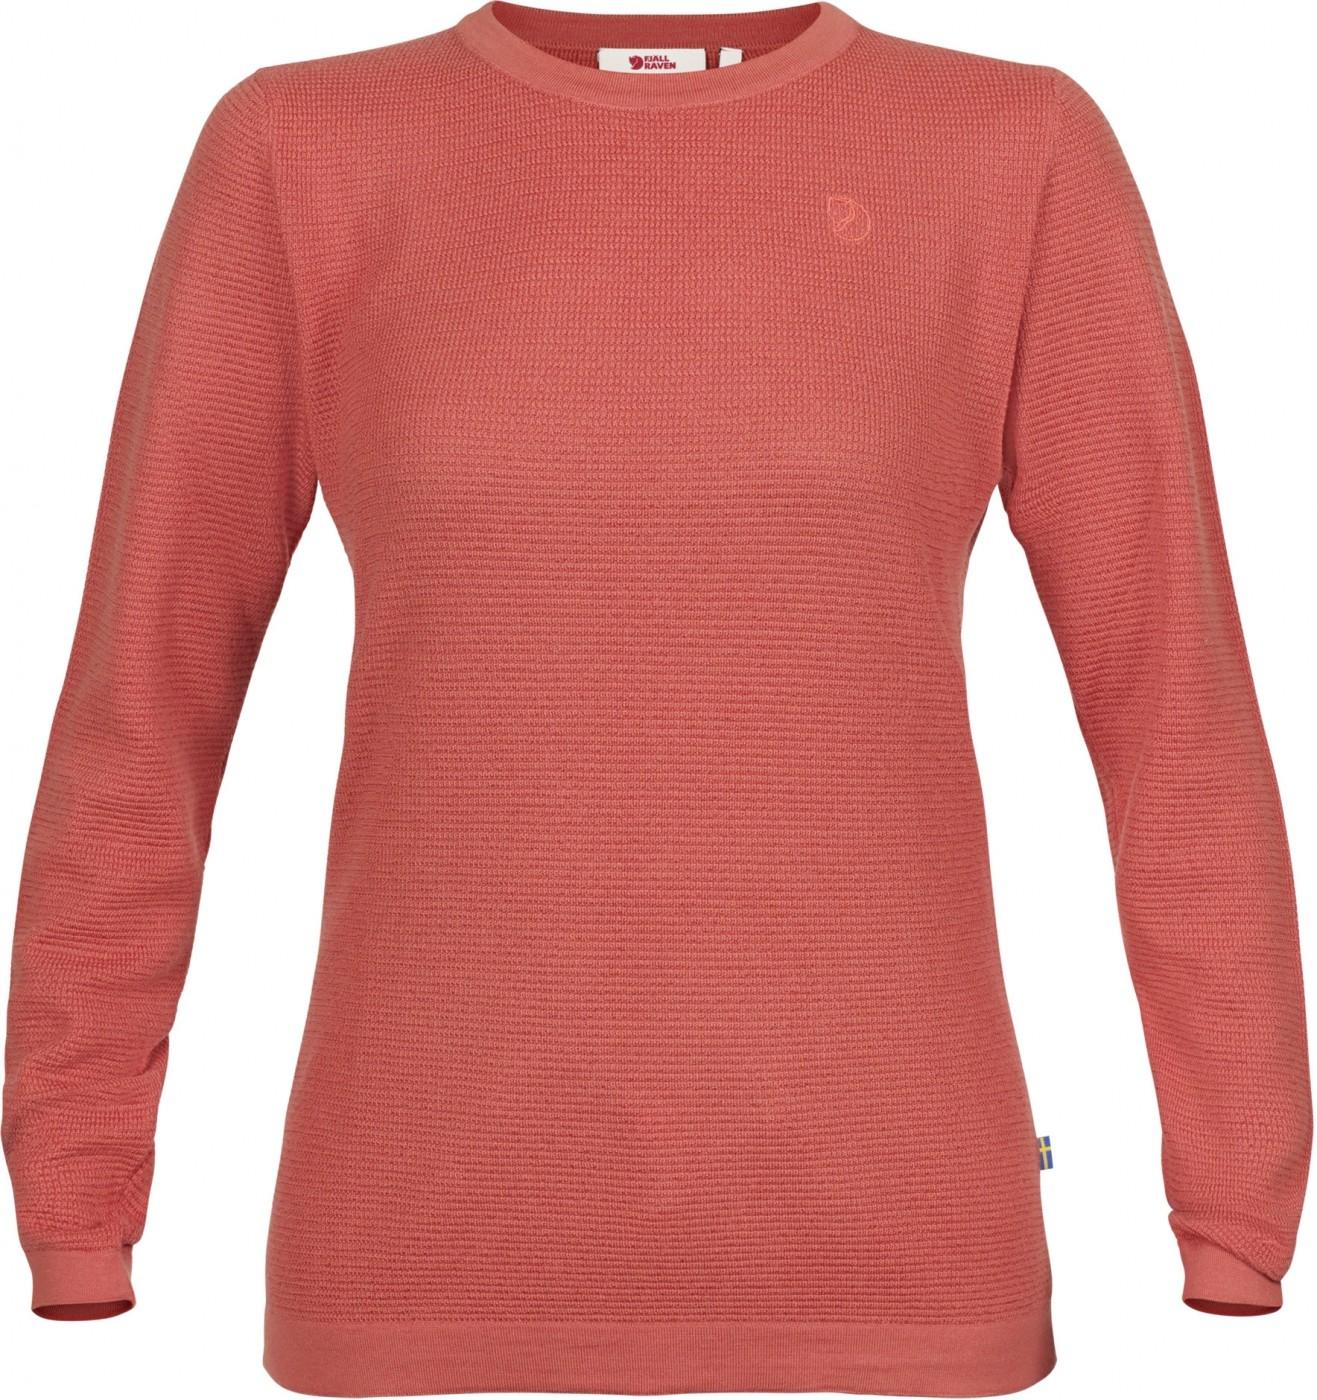 Fjäll Räven High Coast Knit Sweater